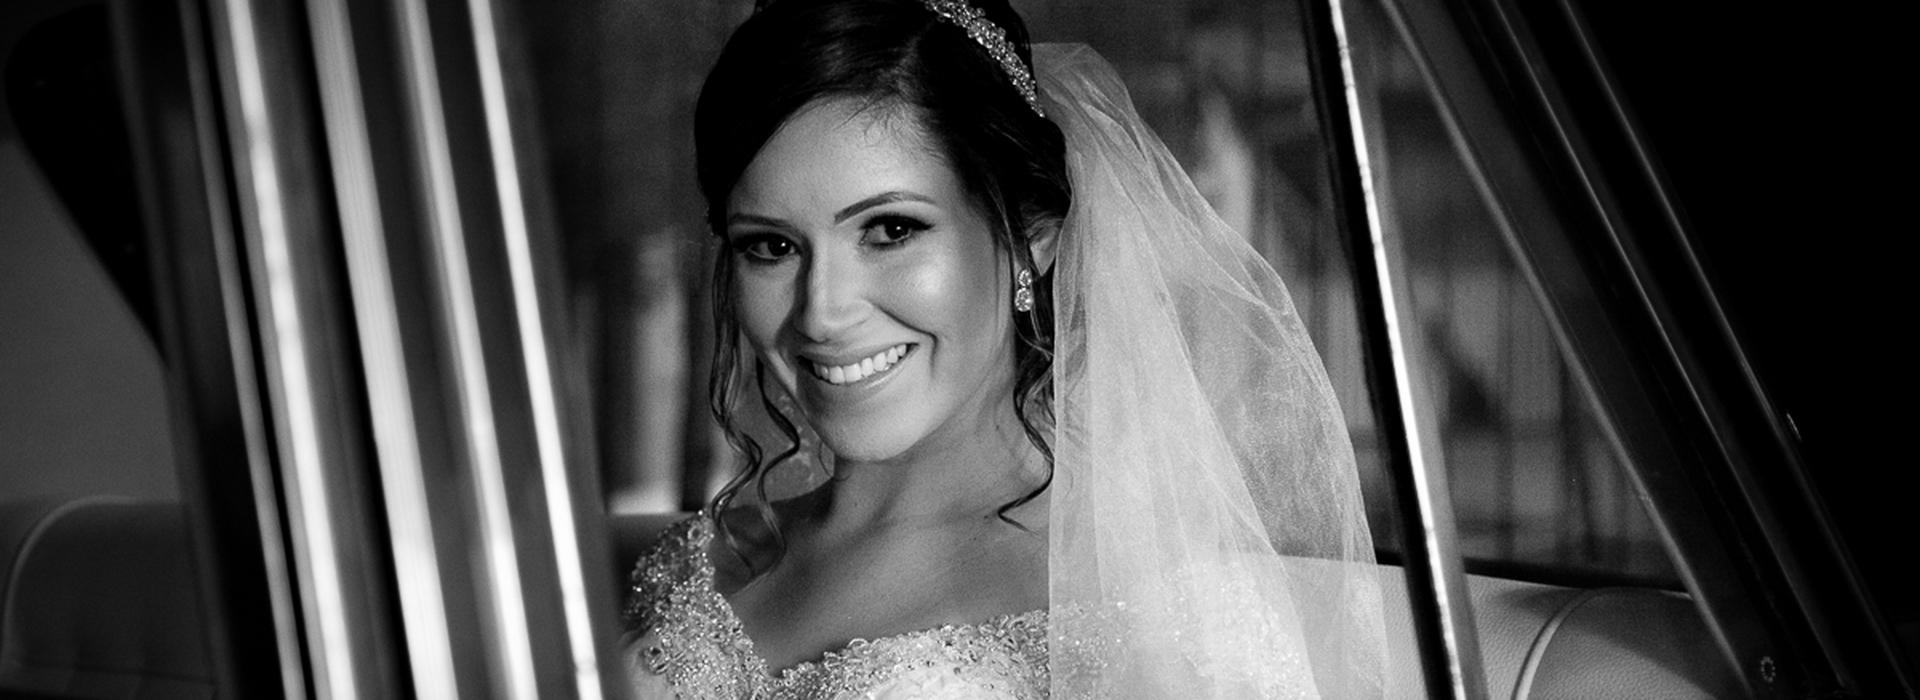 Casamentos de Jéssica e Luiz Henrique em Taubaté-P